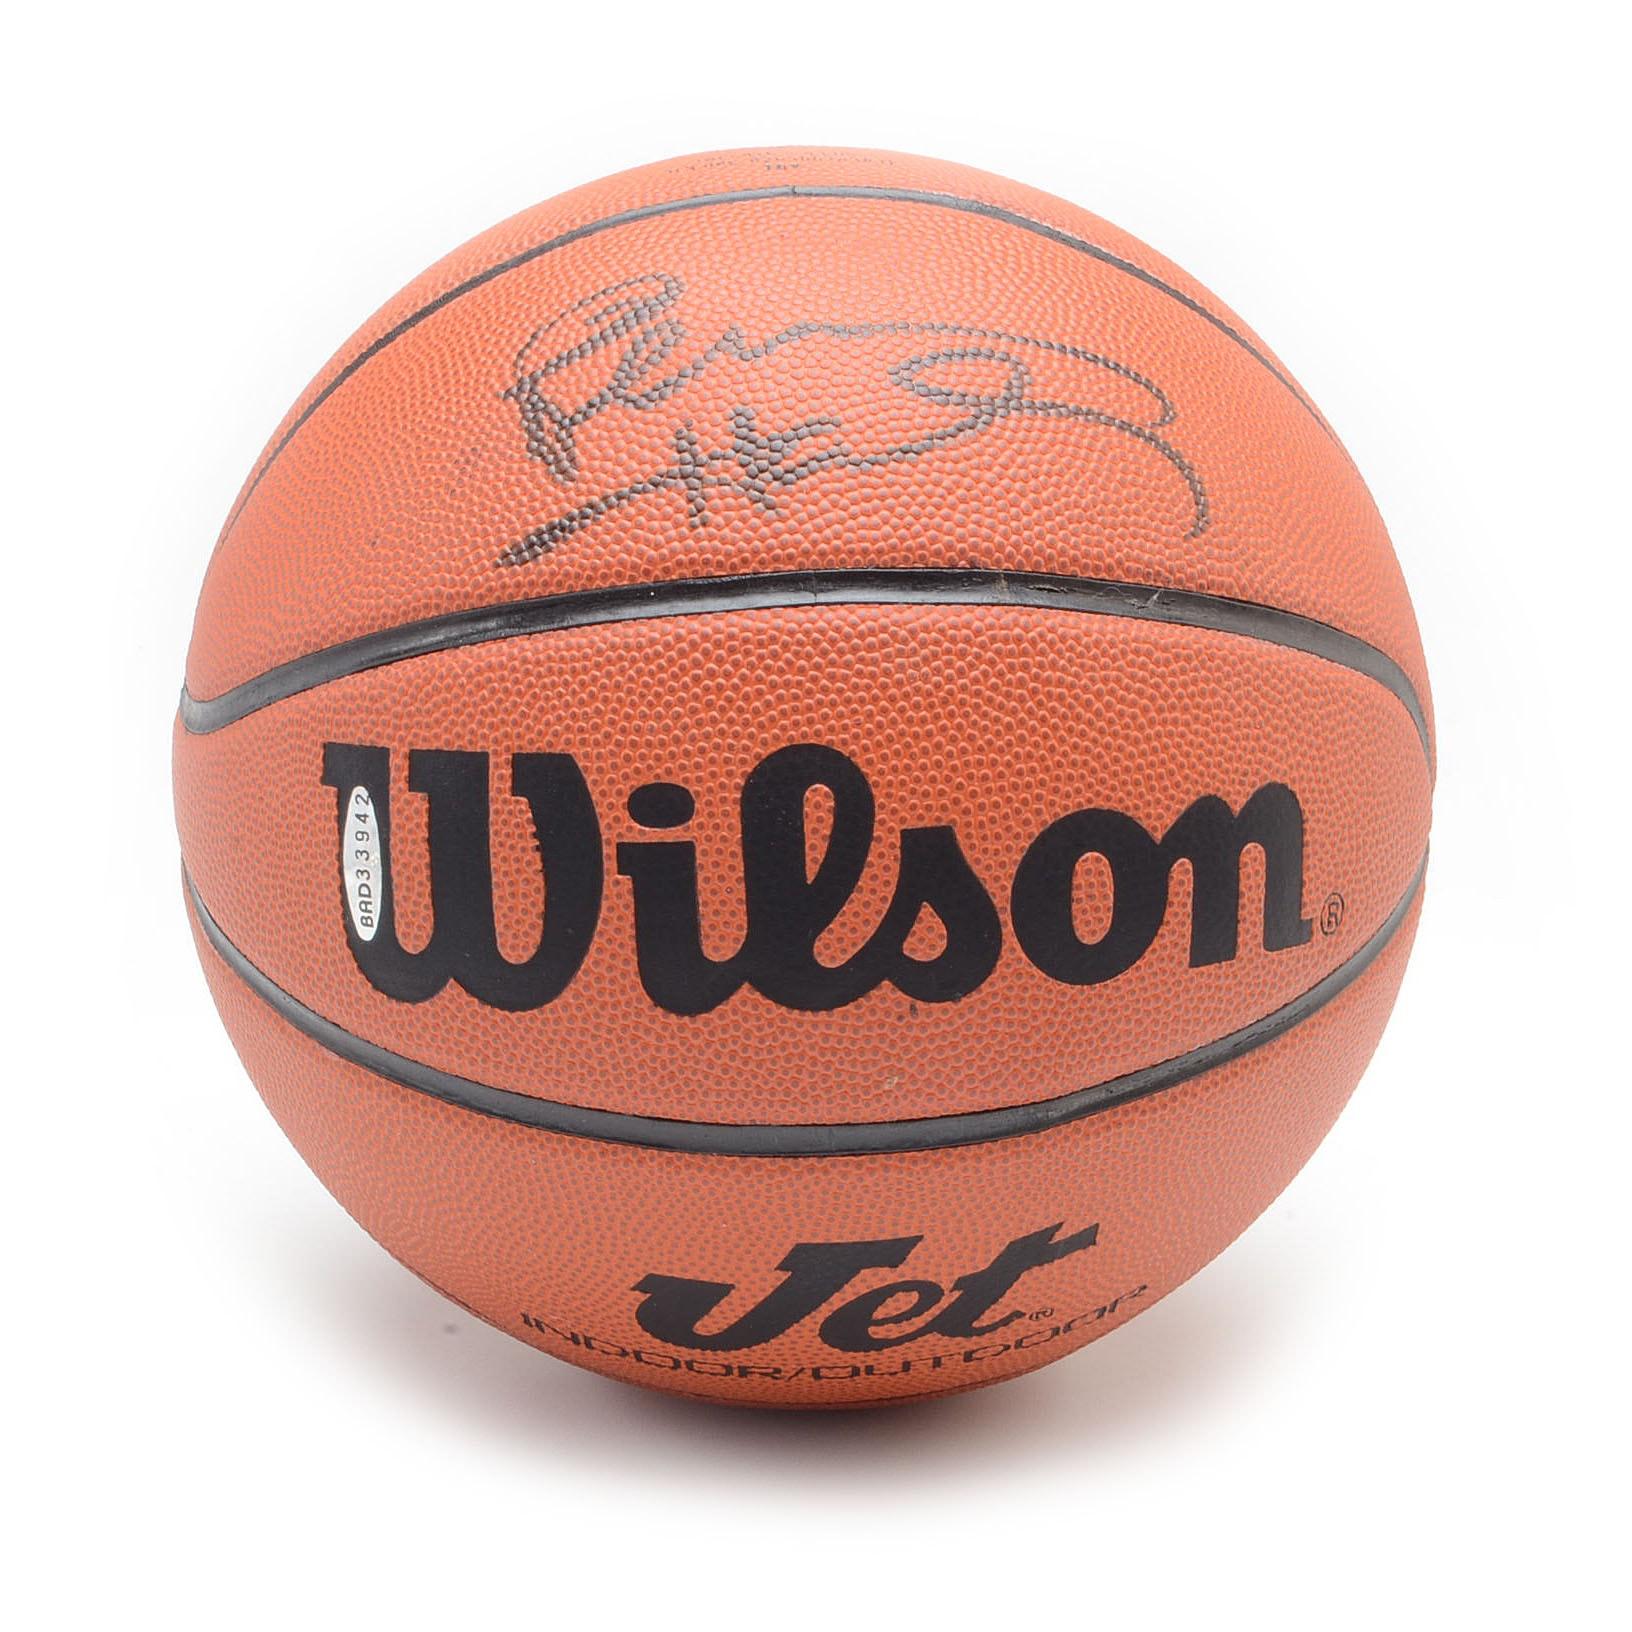 Penny Hardaway Signed Basketball  COA